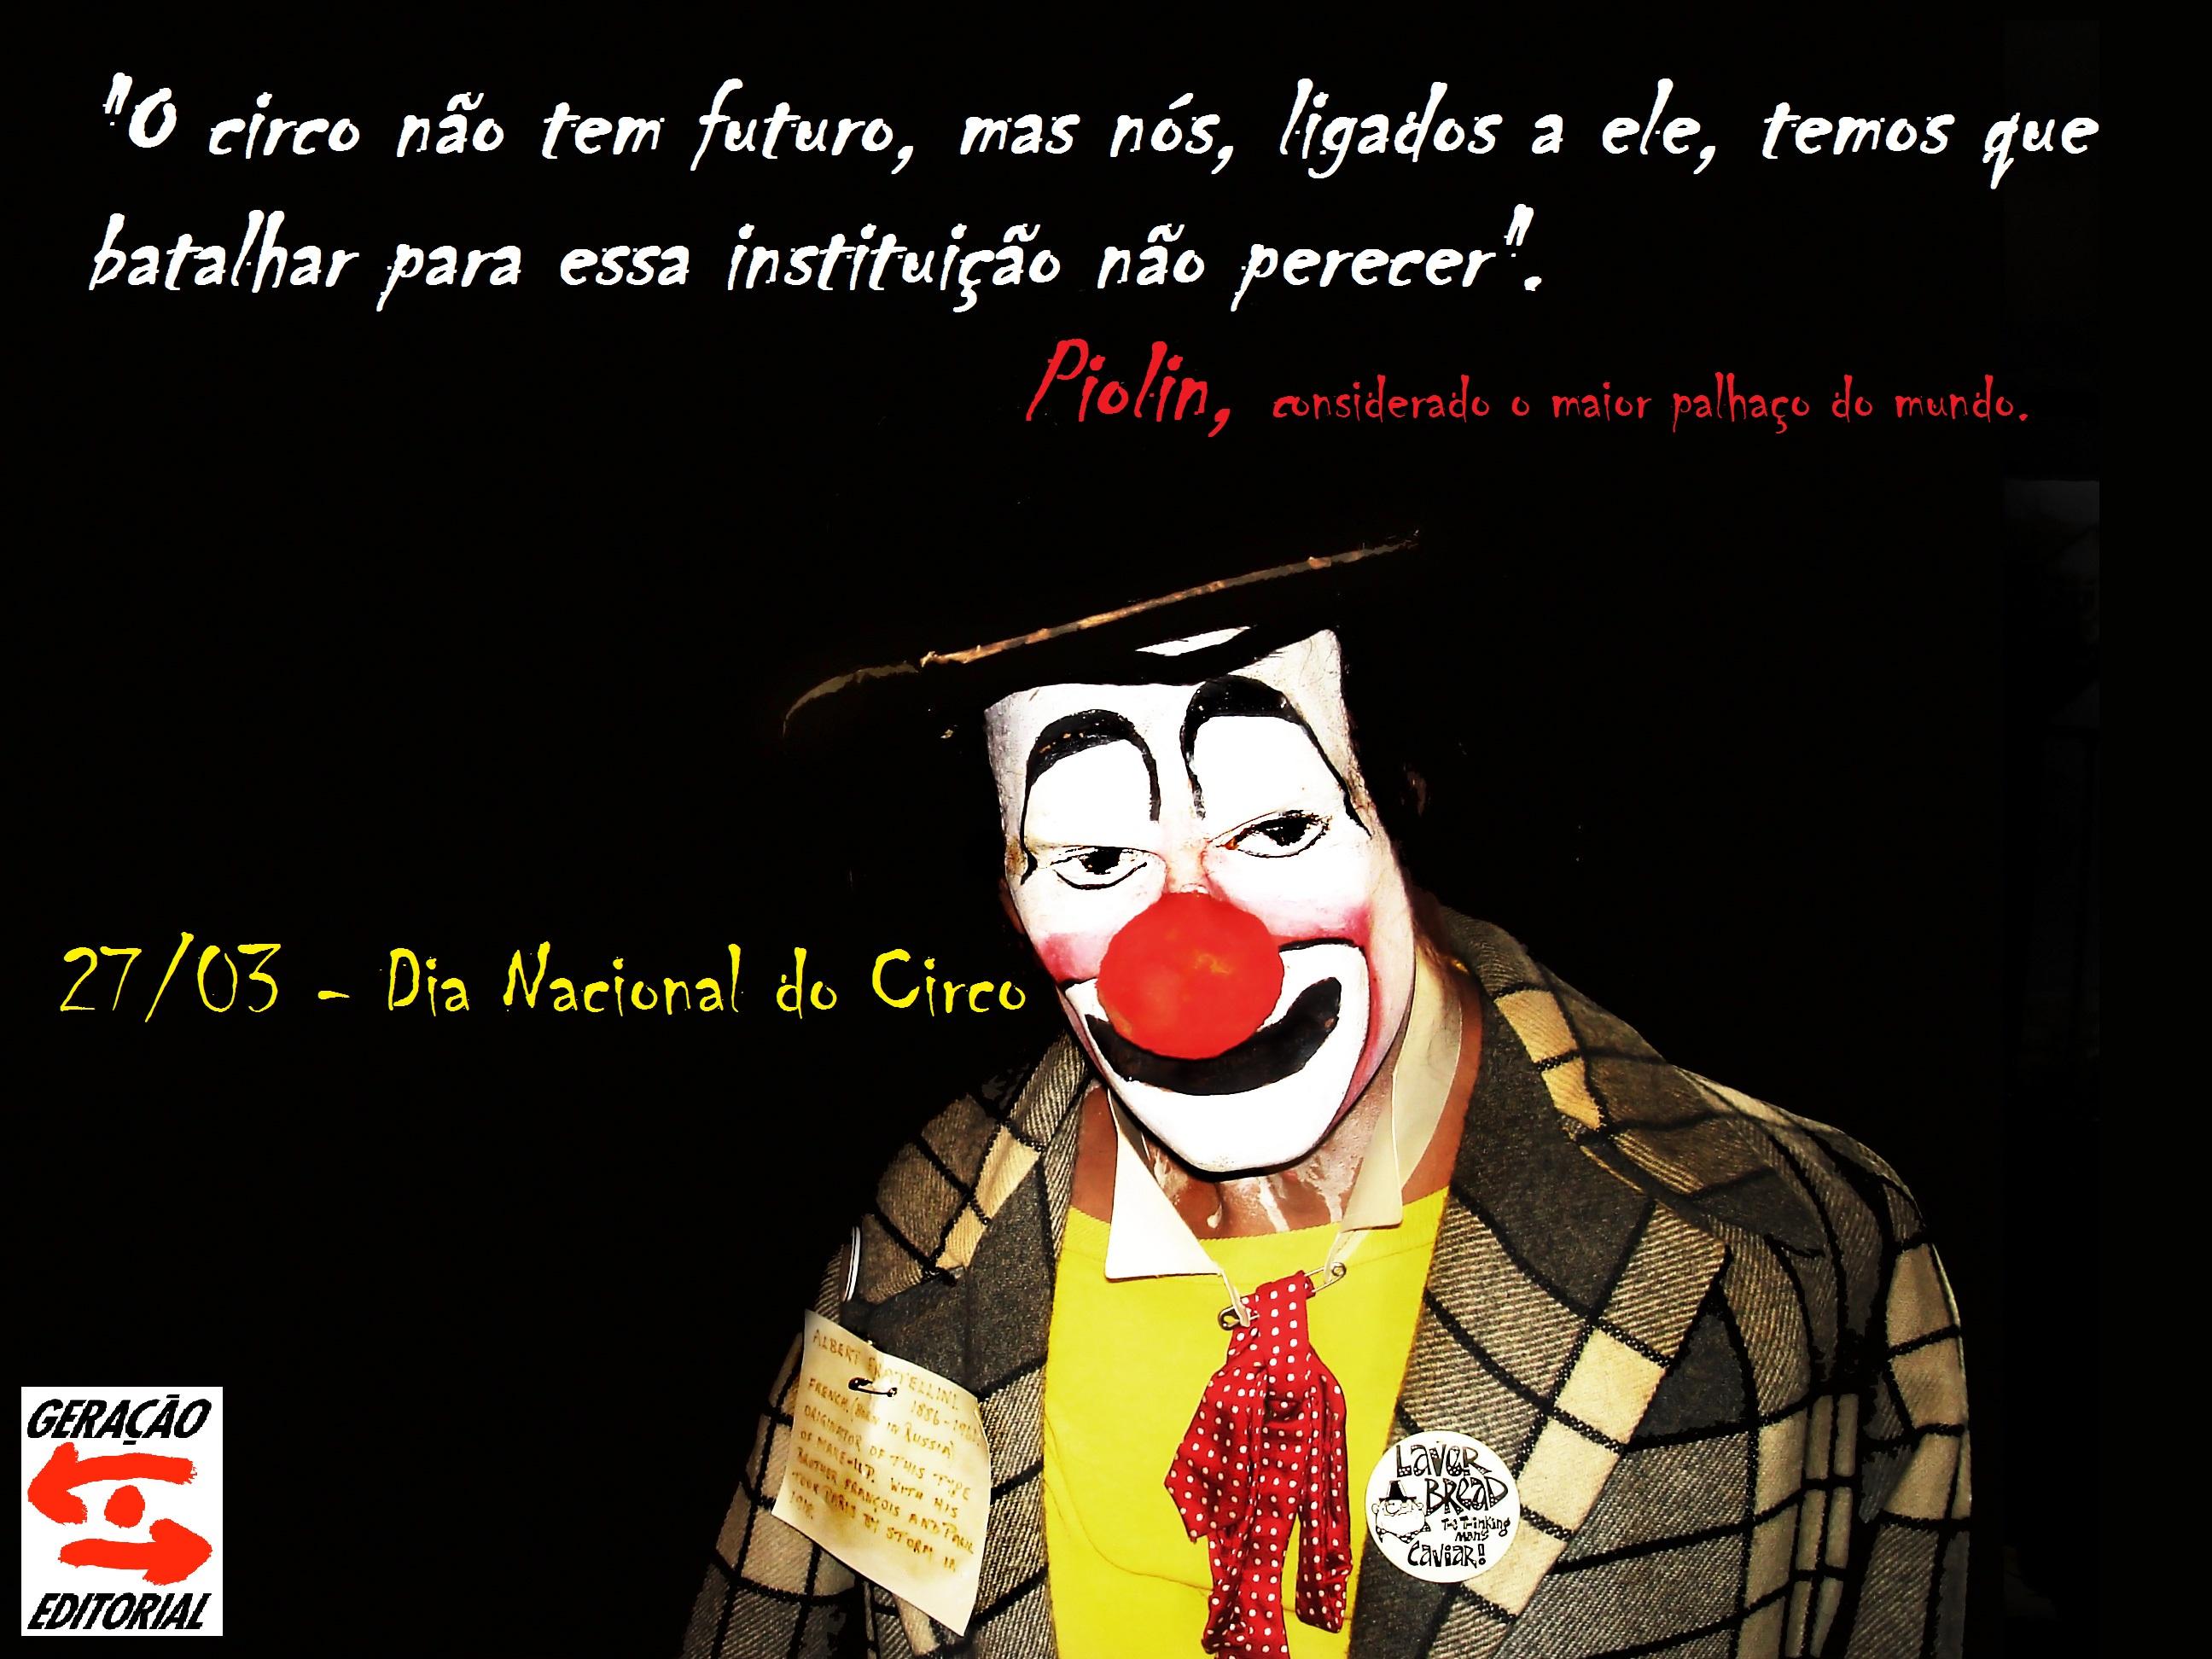 Dia Nacional Do Circo Geração Editorial